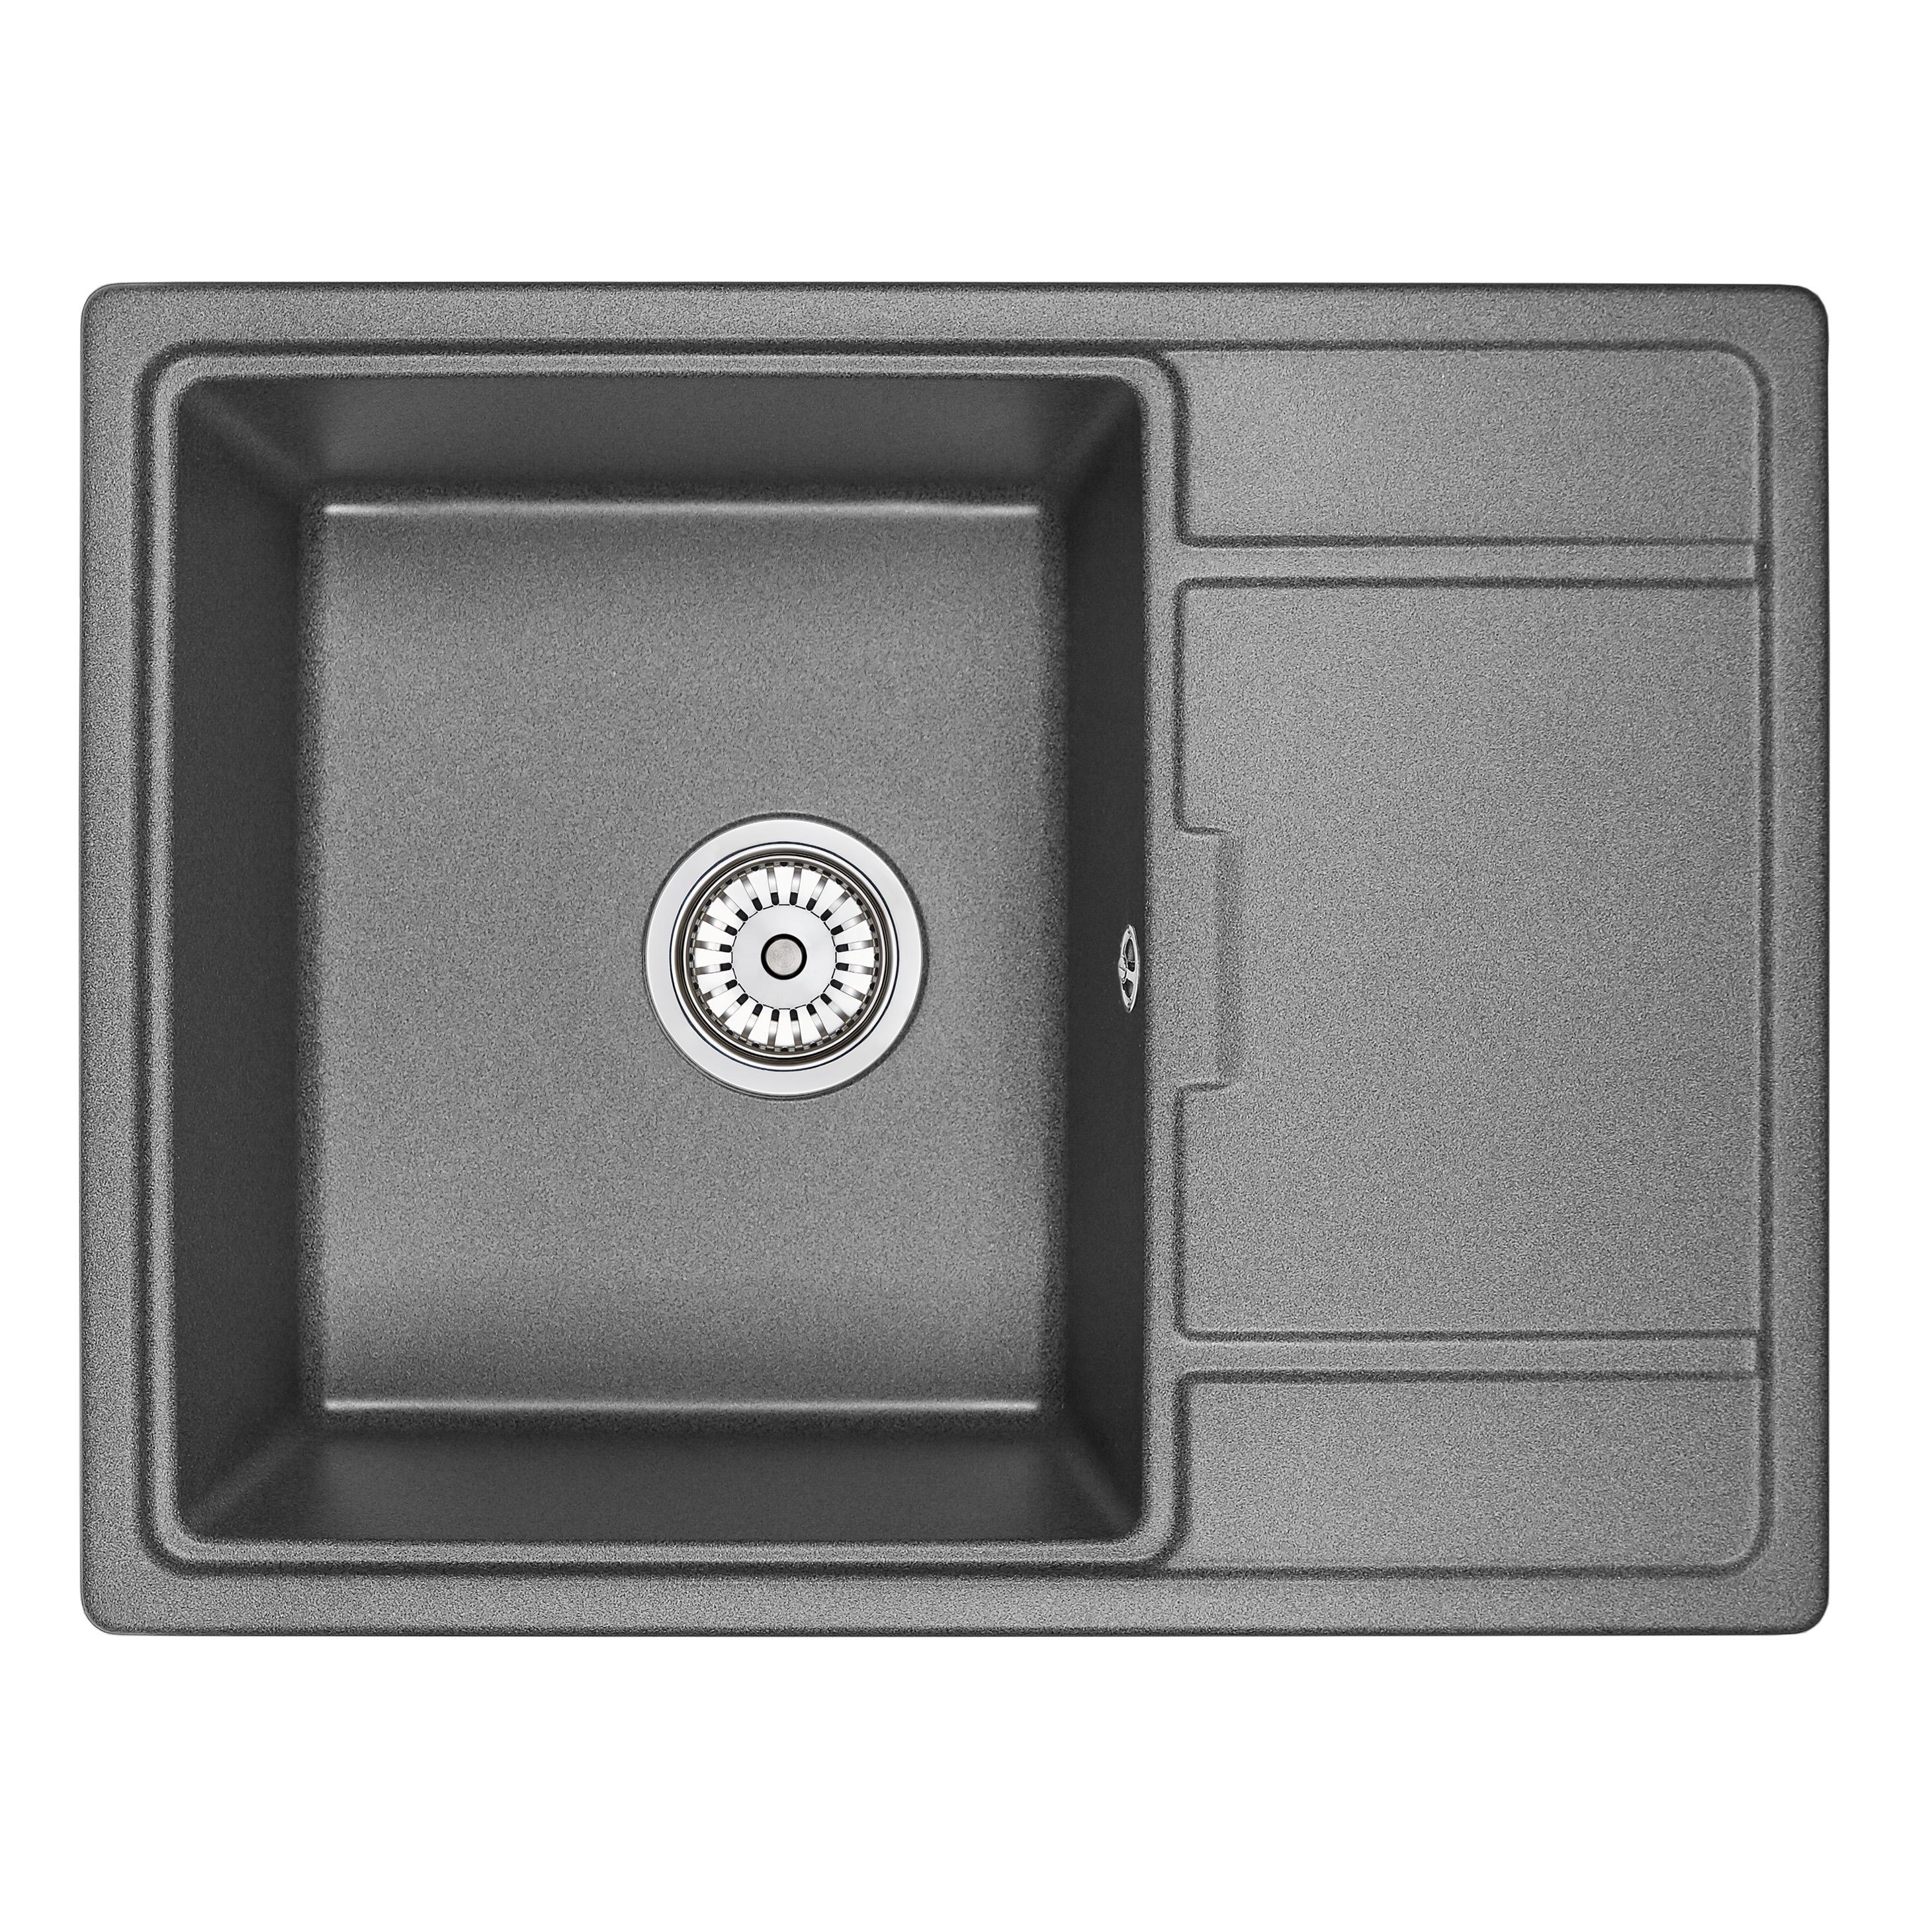 Кухонная мойка Granula GR-6503 650х500 графит мойка кухонная granula 77 5x49 5 см графит gr 7802 графит